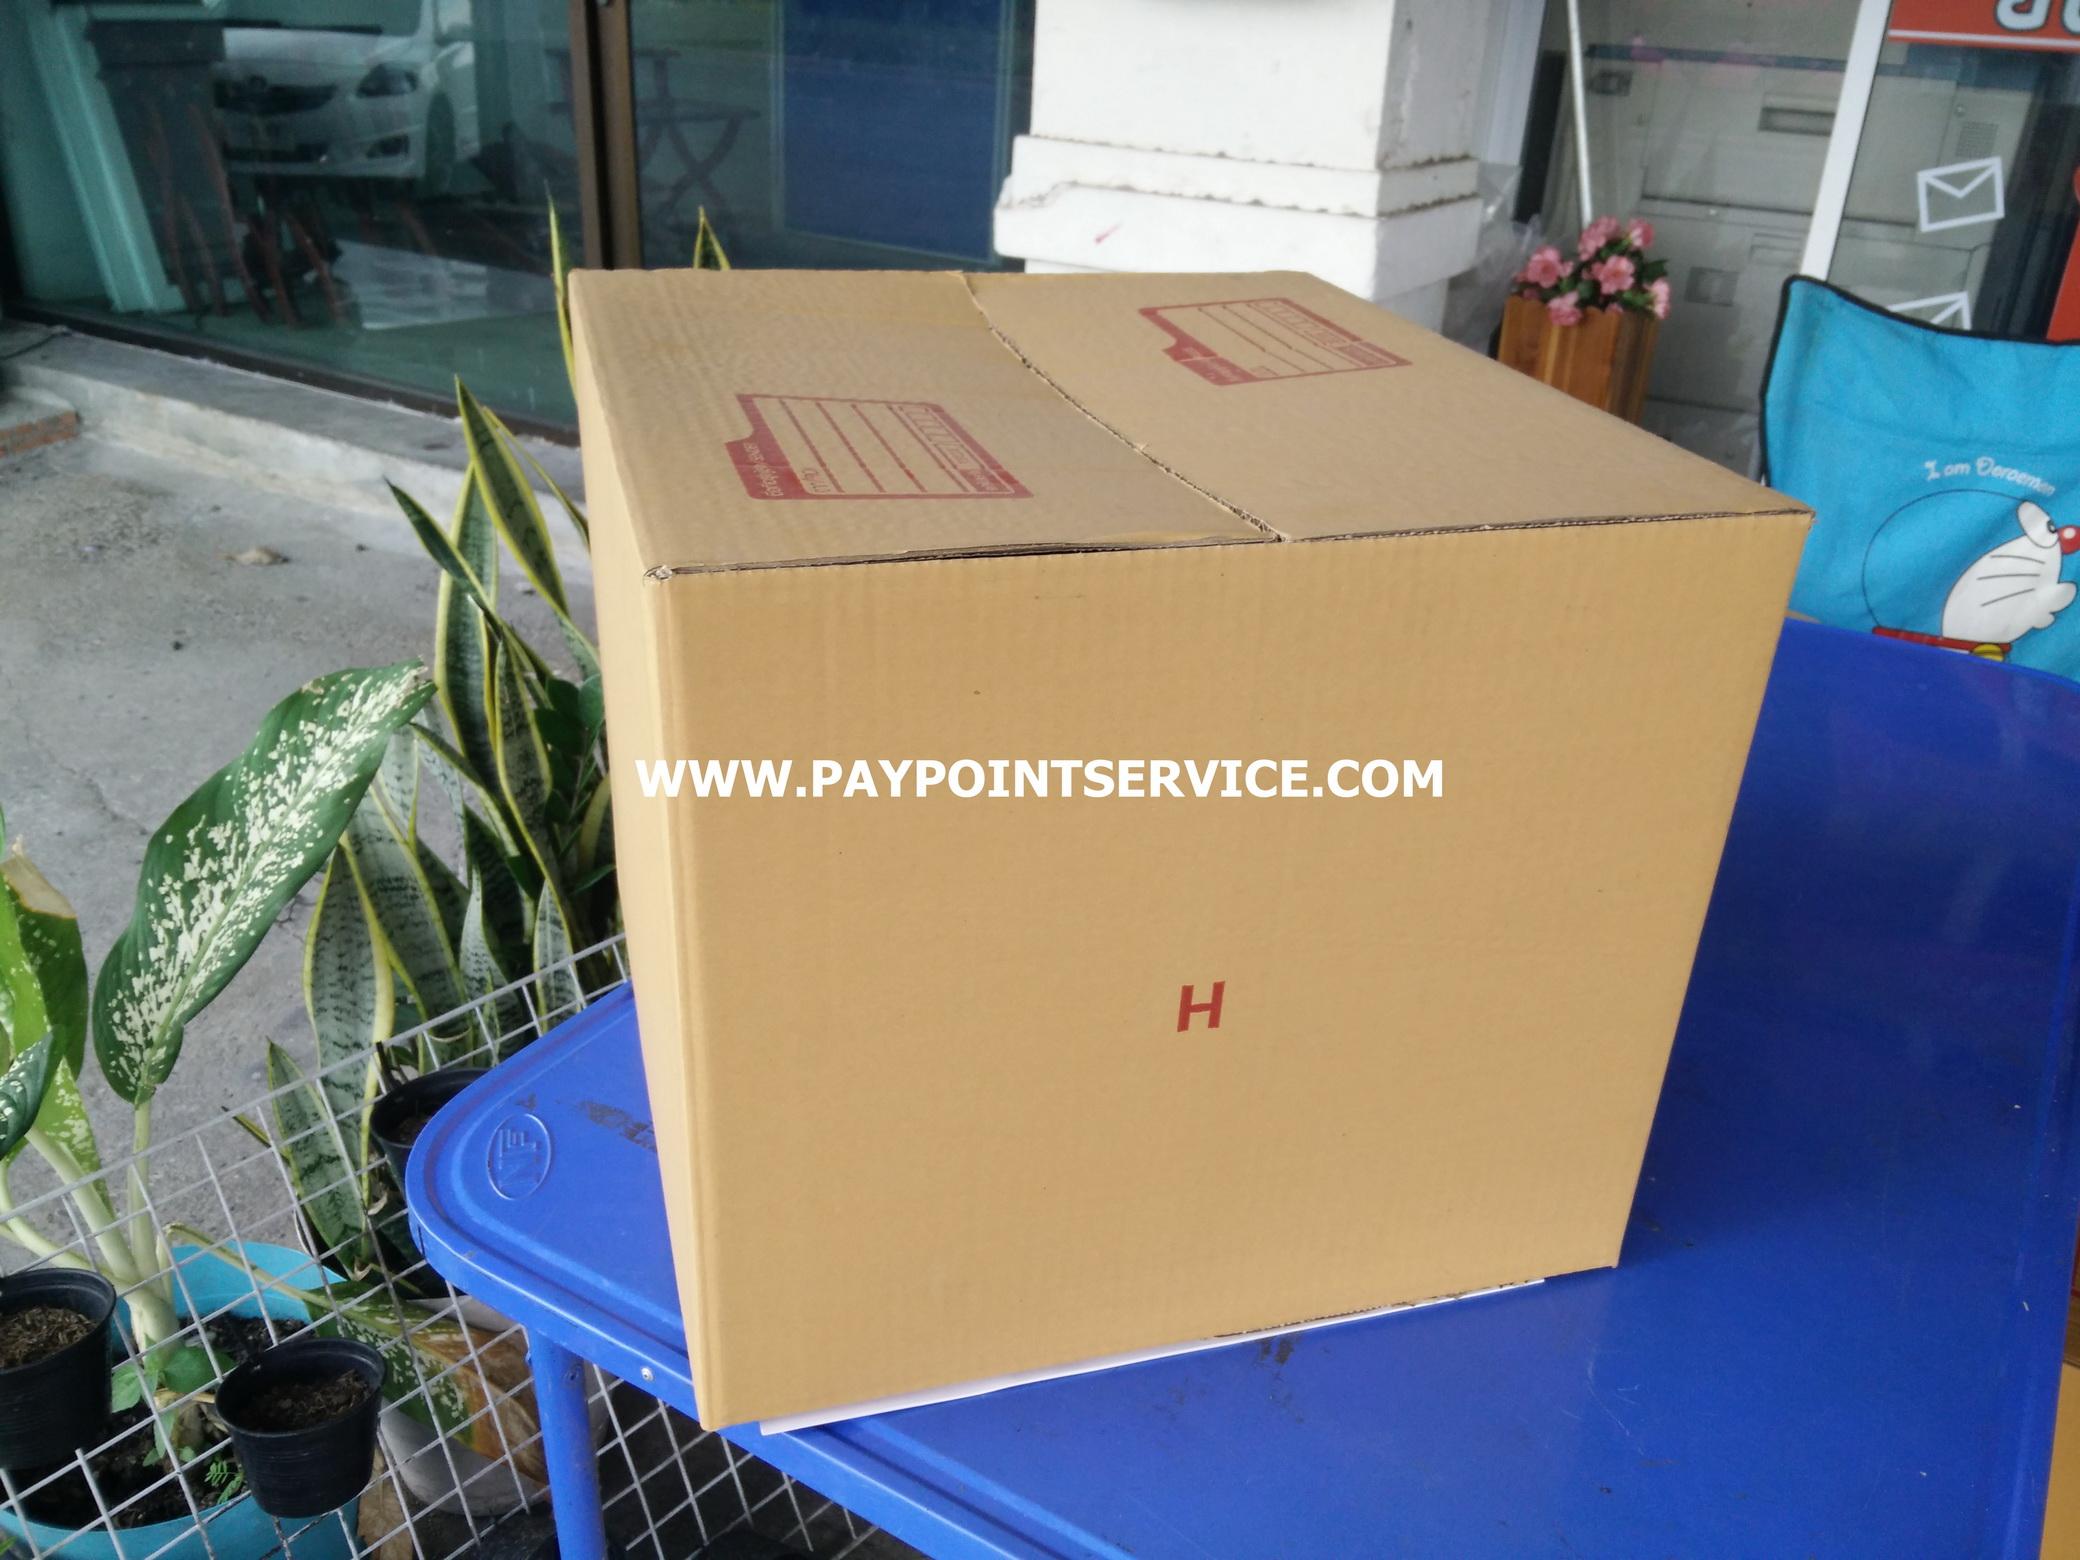 กล่องไปรษณีย์ฝาชน เบอร์ 7 ขนาด 35x50x32 เซนติเมตร